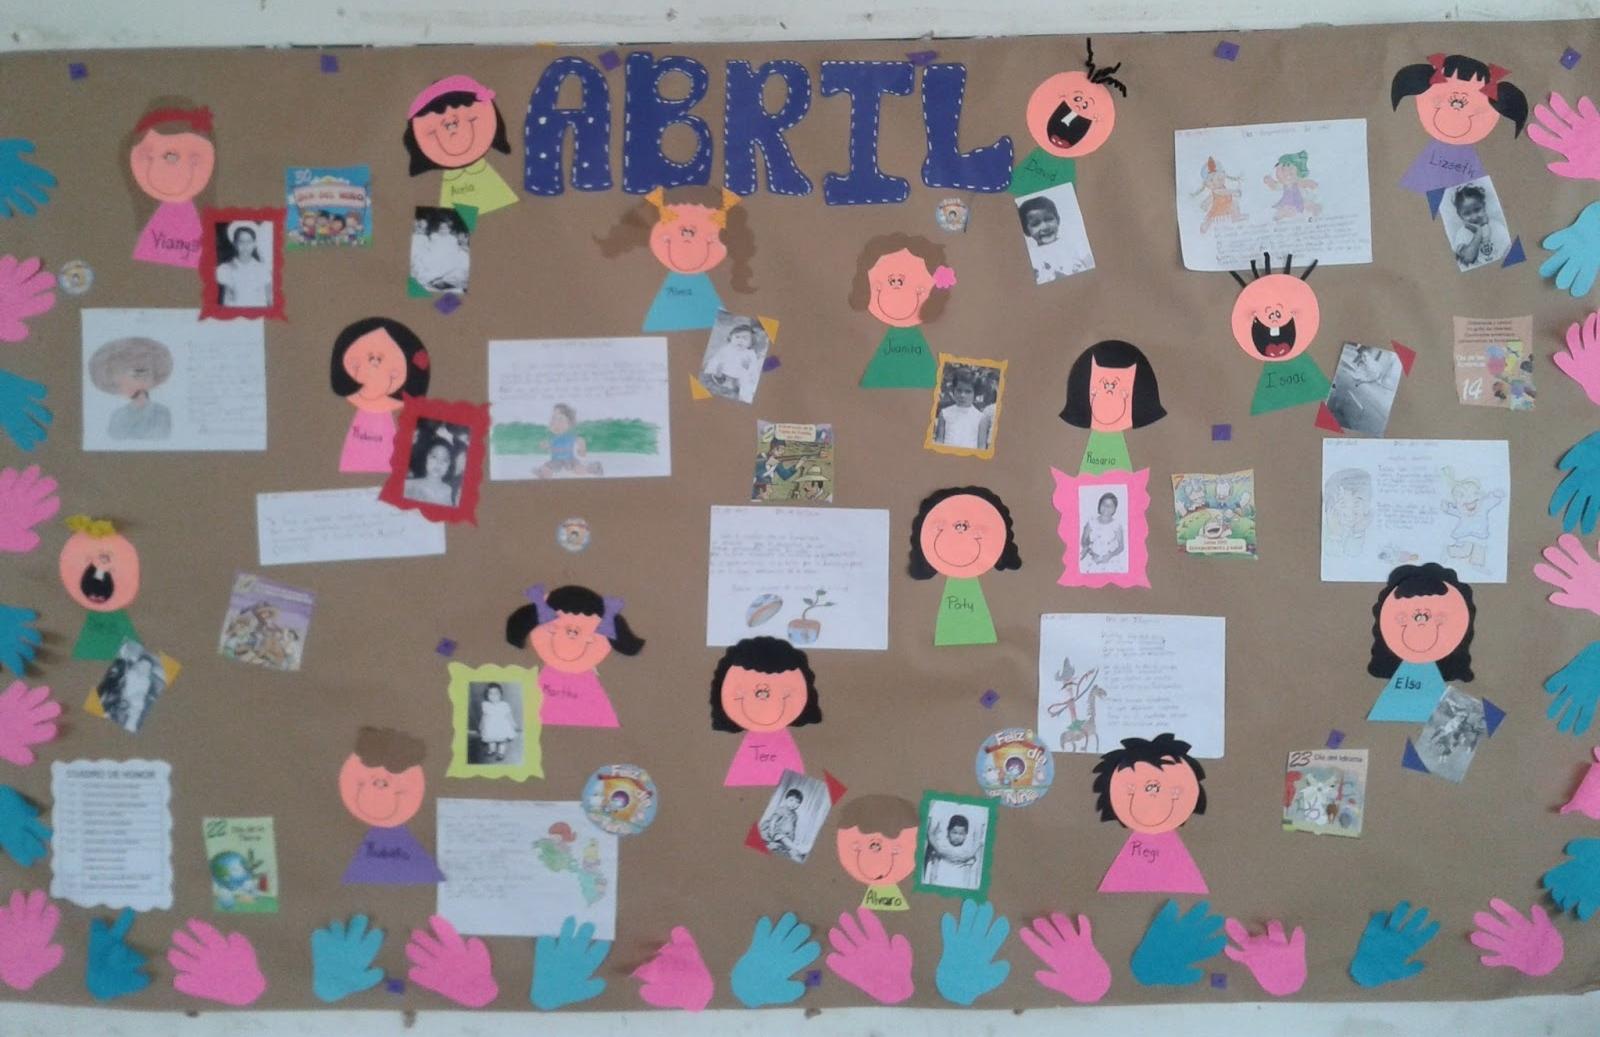 Periodico mural mes de abril 4 imagenes educativas for Como decorar un mural